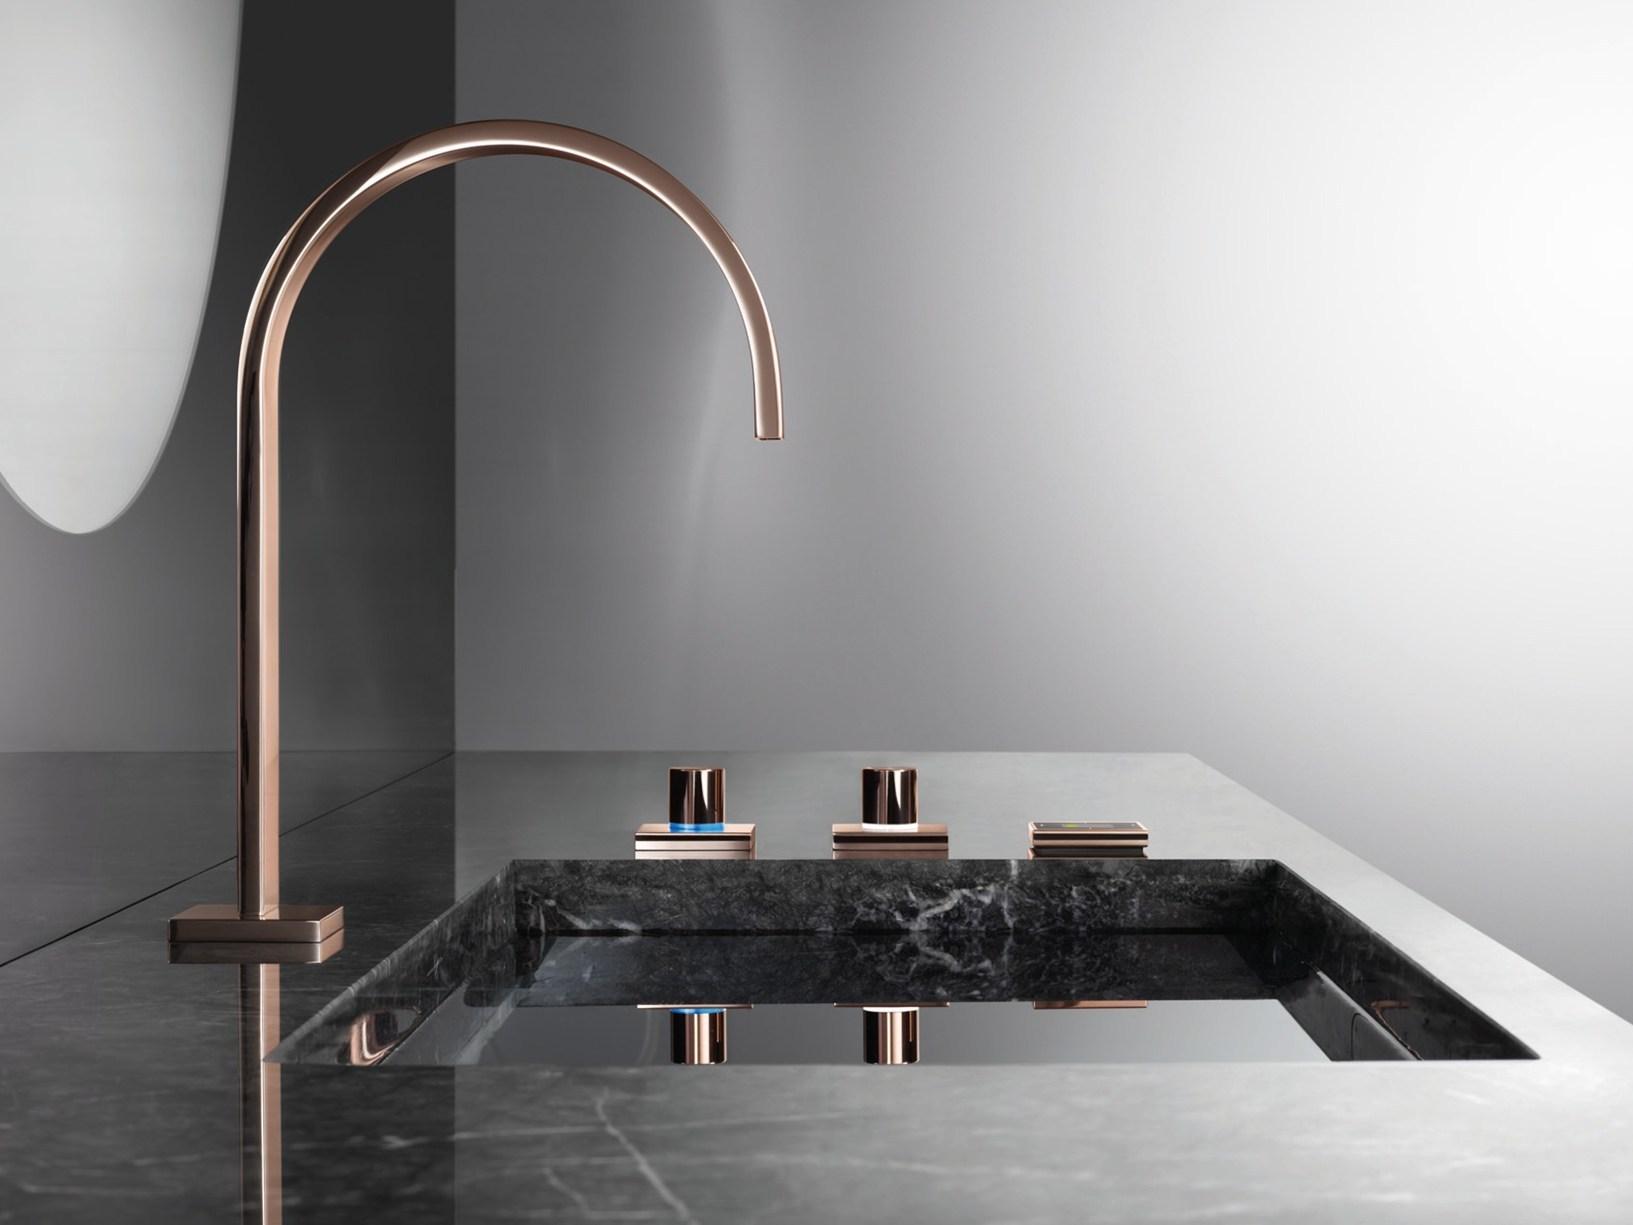 Dornbracht al salone internazionale del bagno - Bagno internazionale cesenatico ...